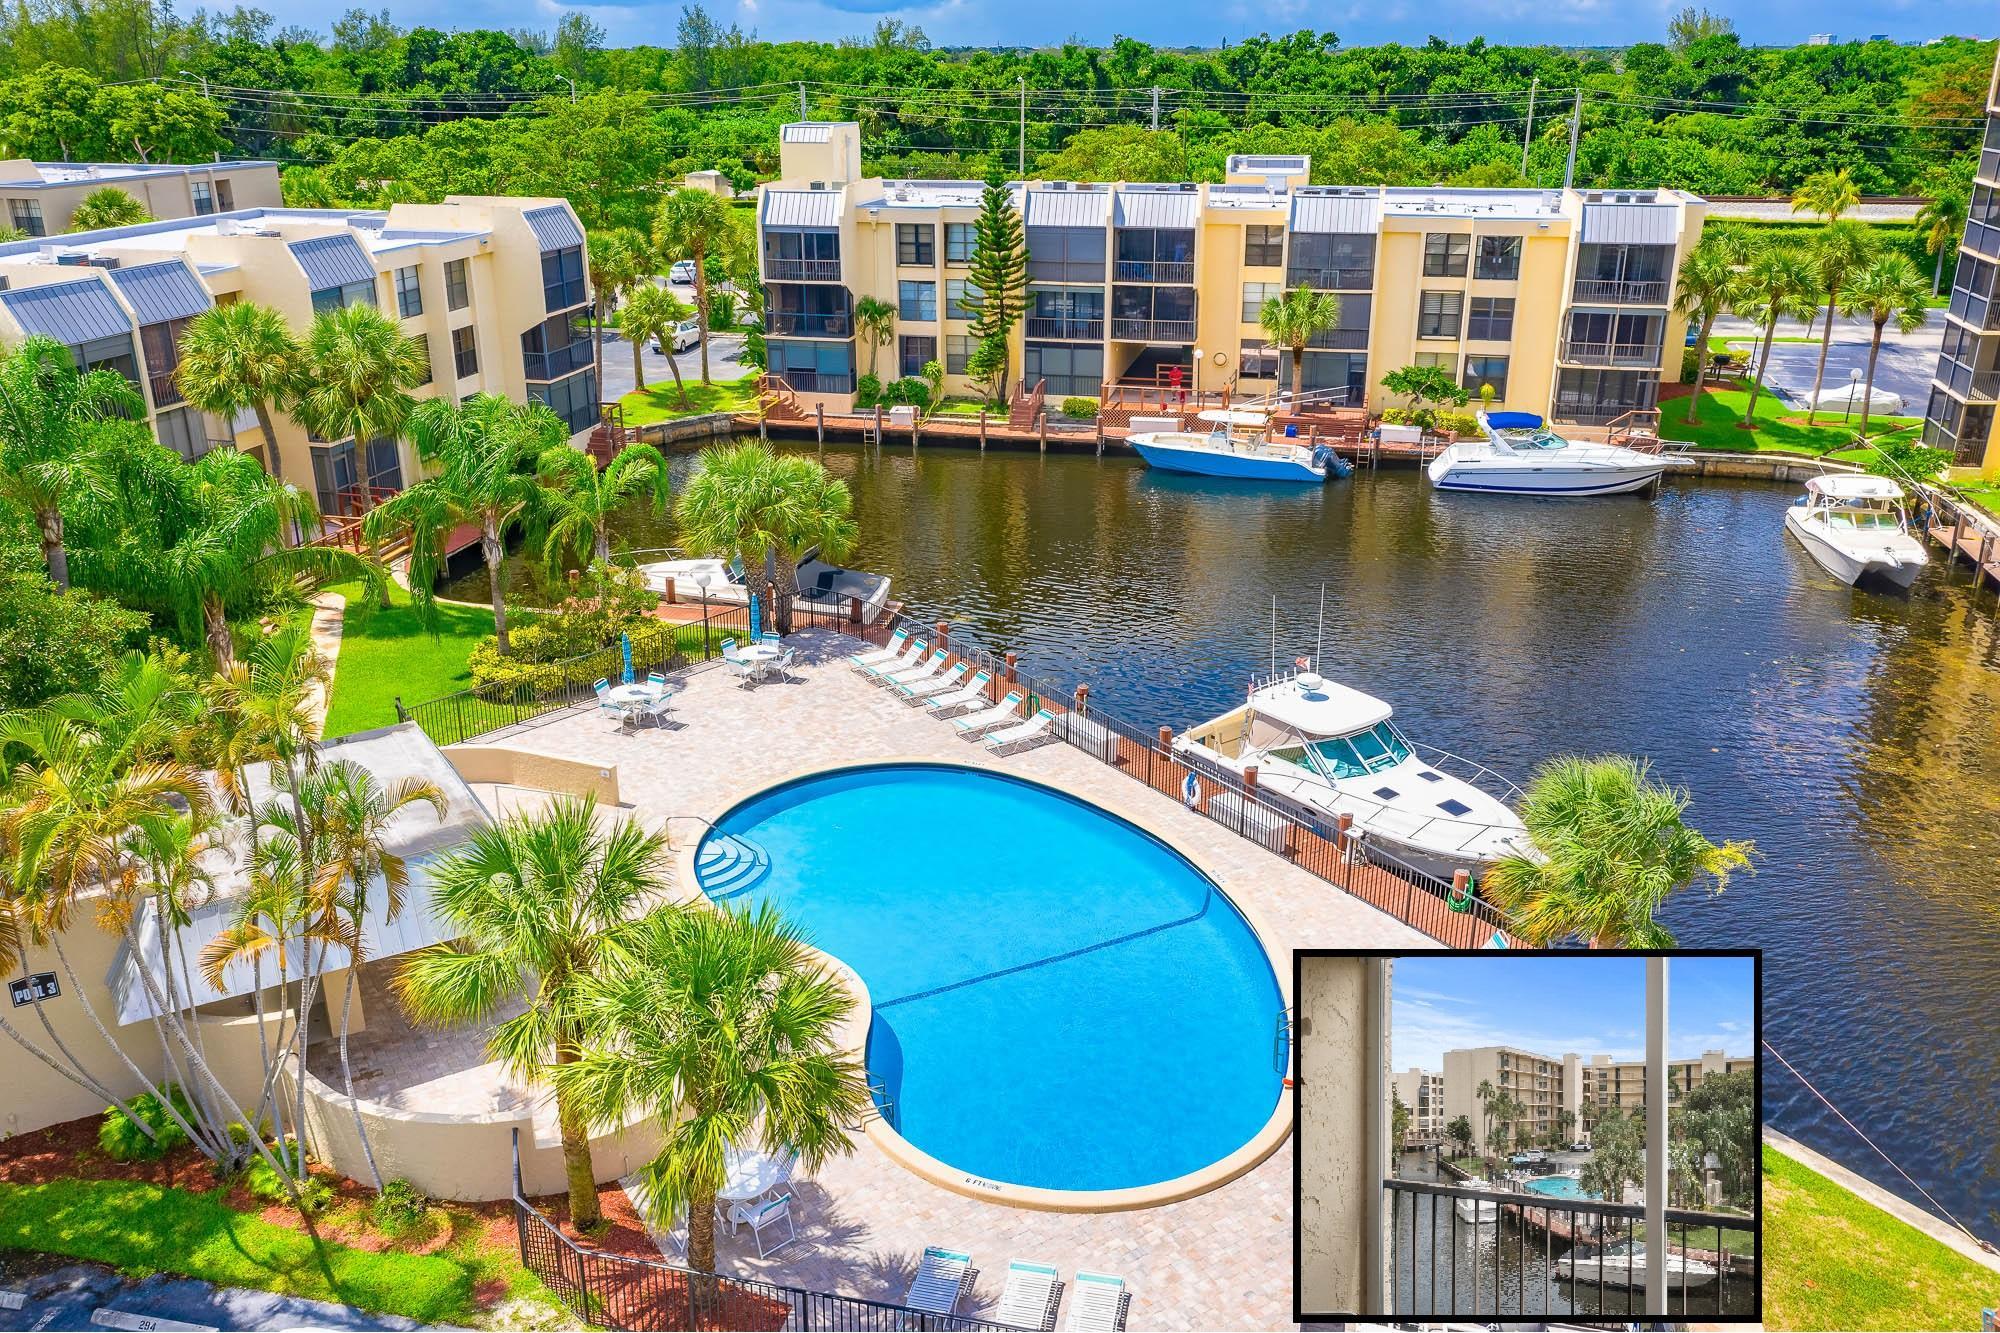 10 Royal Palm Way #305 Boca Raton, FL 33432